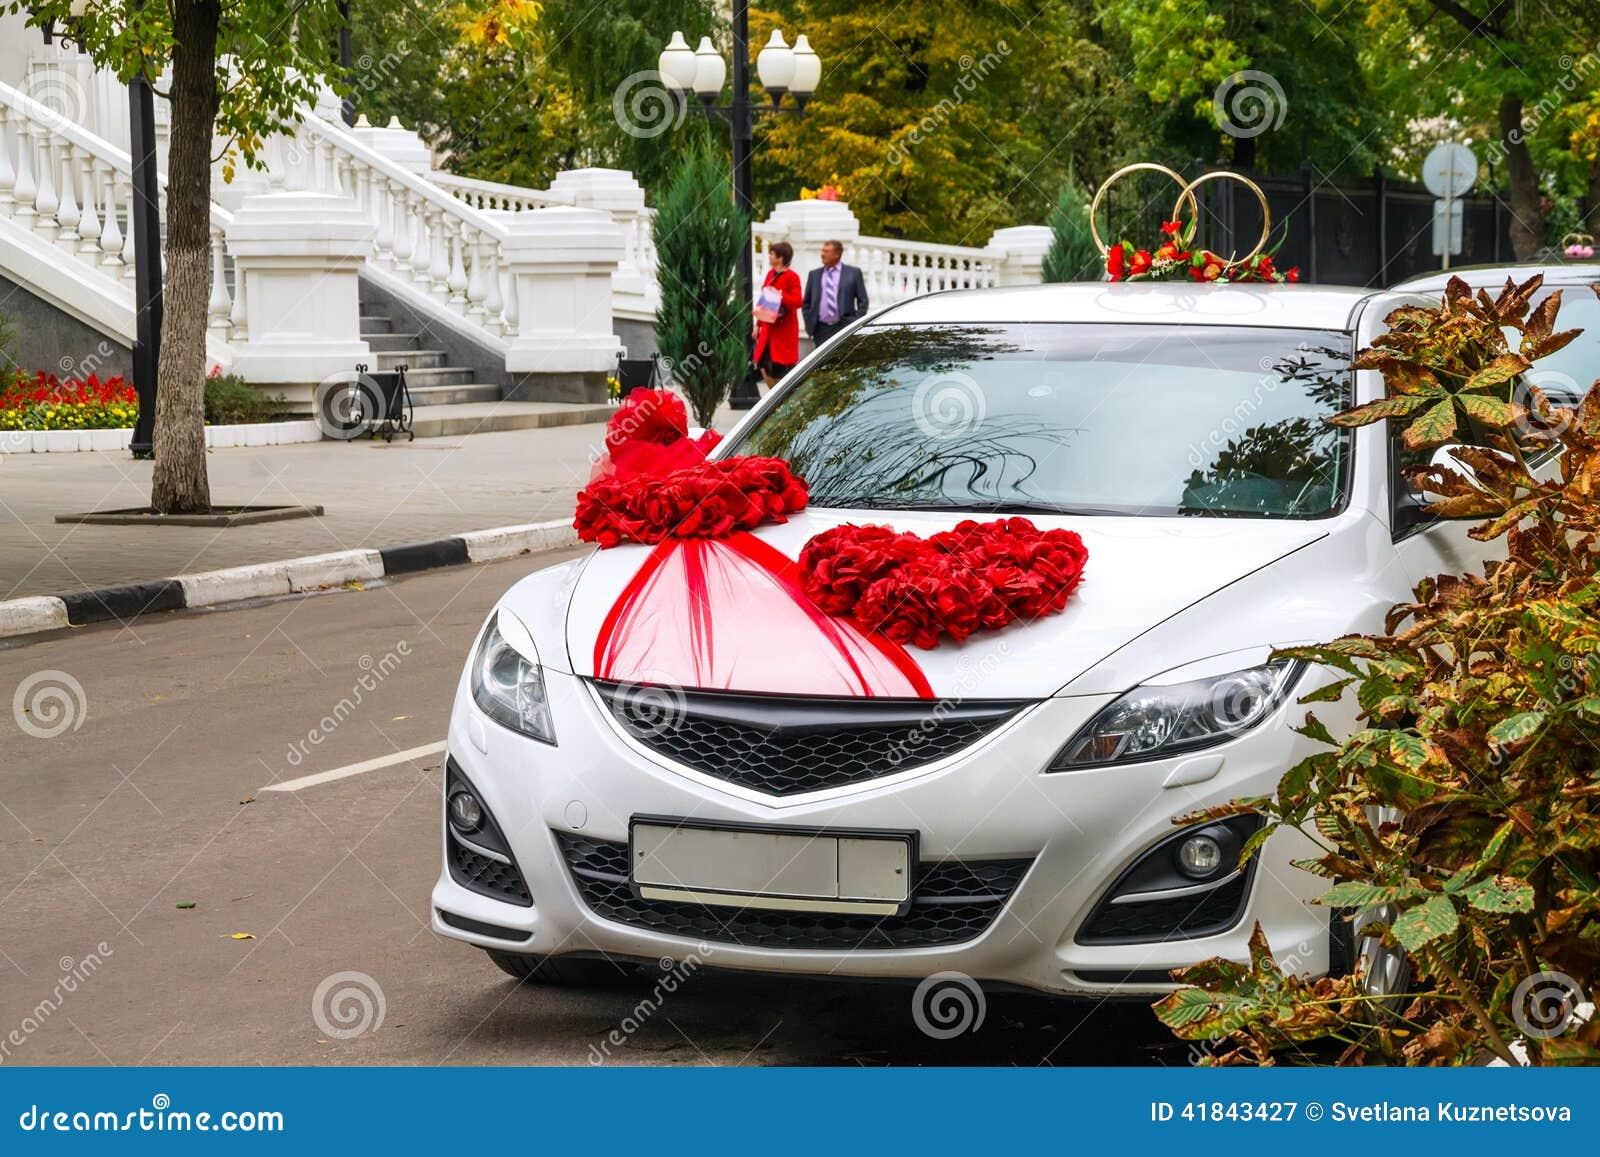 voiture de mariage dans le paysage de ville d 39 automne photographie ditorial image 41843427. Black Bedroom Furniture Sets. Home Design Ideas